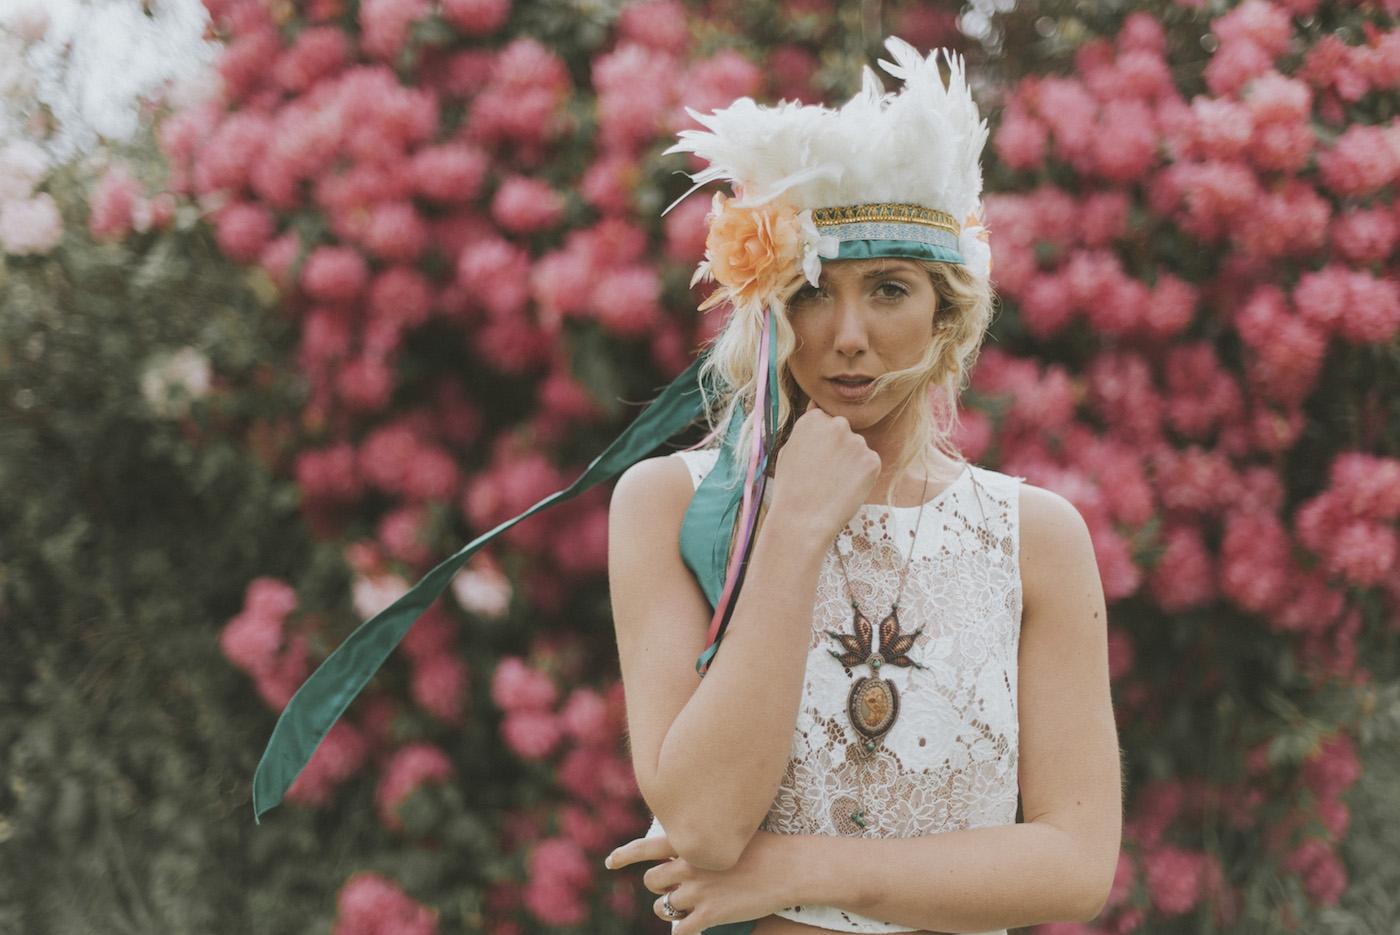 Shooting d'inspiration EVJF • A bohemian picnic over the rainbow | Crédit Marie Marry Me | Blog mariage La Mariée Sous Les Etoiles